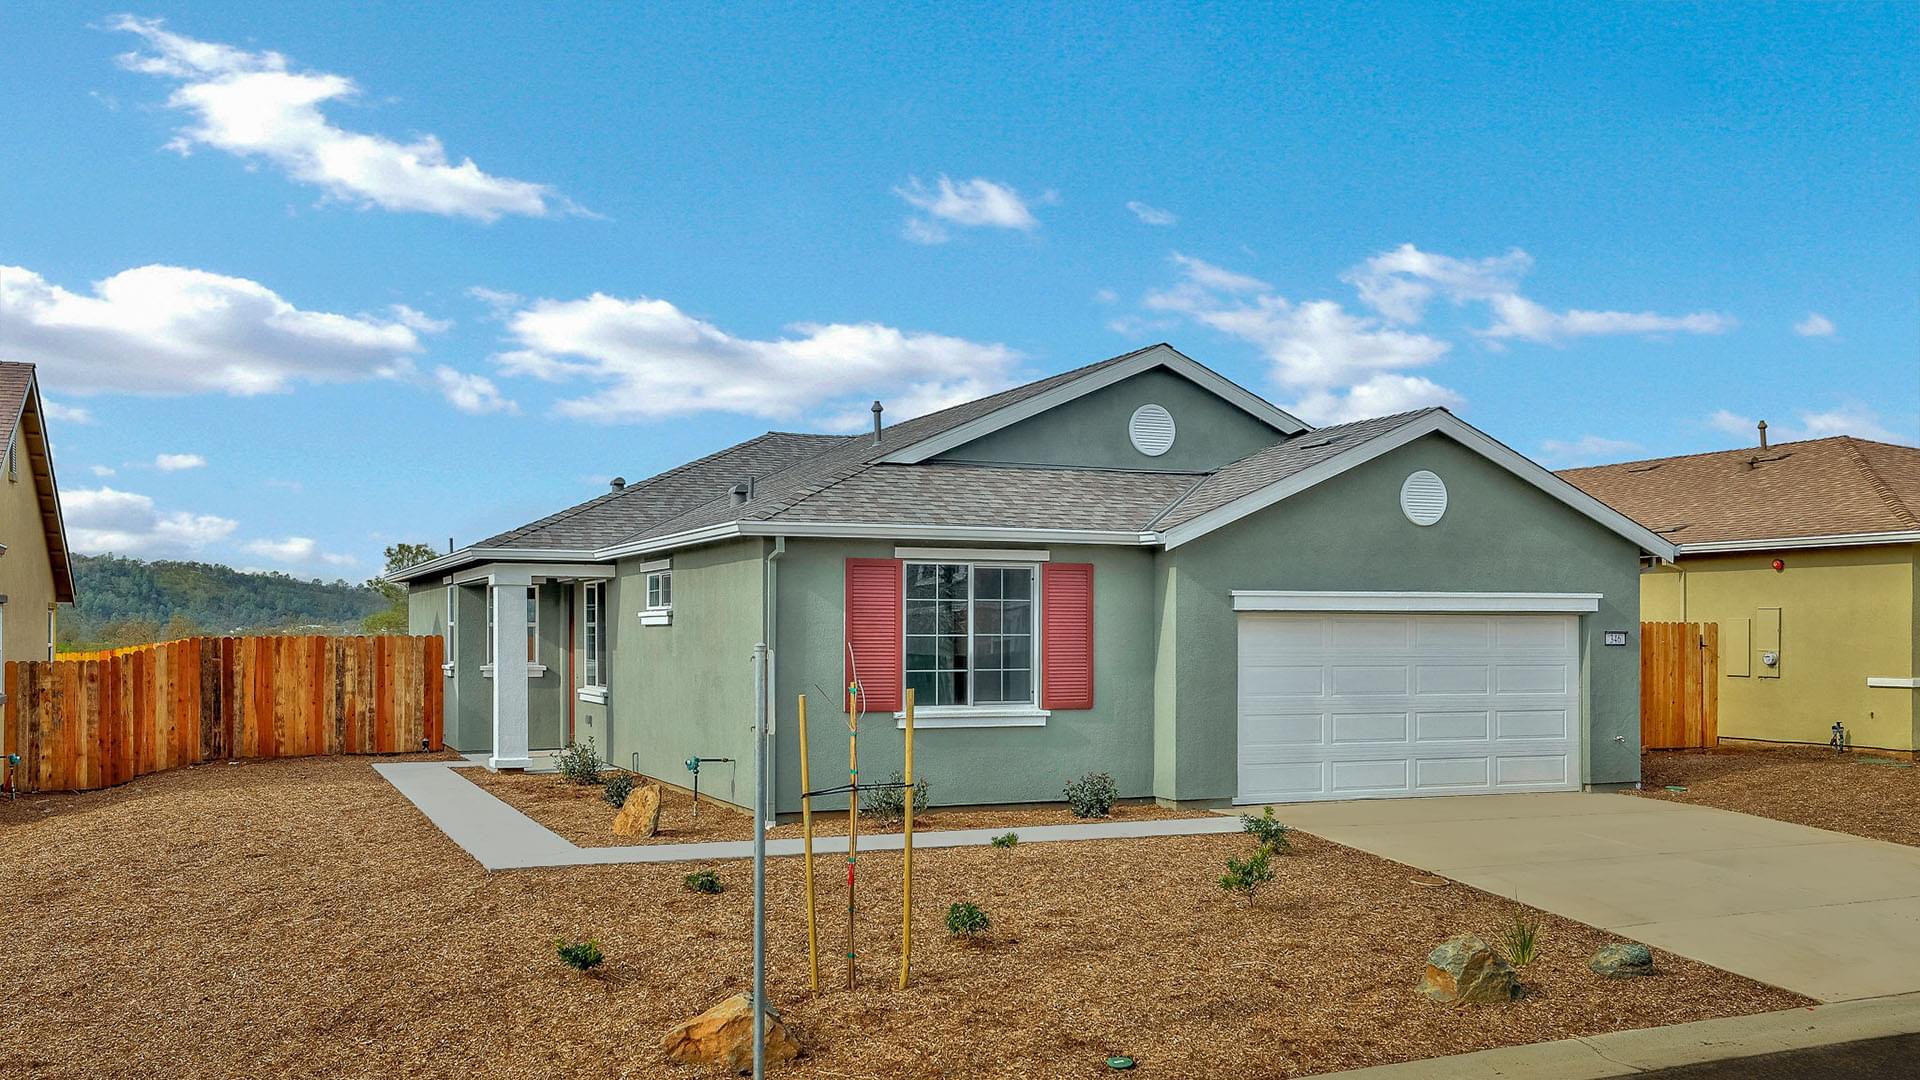 346 Copper Crest Drive in Copperopolis, CA by DeNova Homes